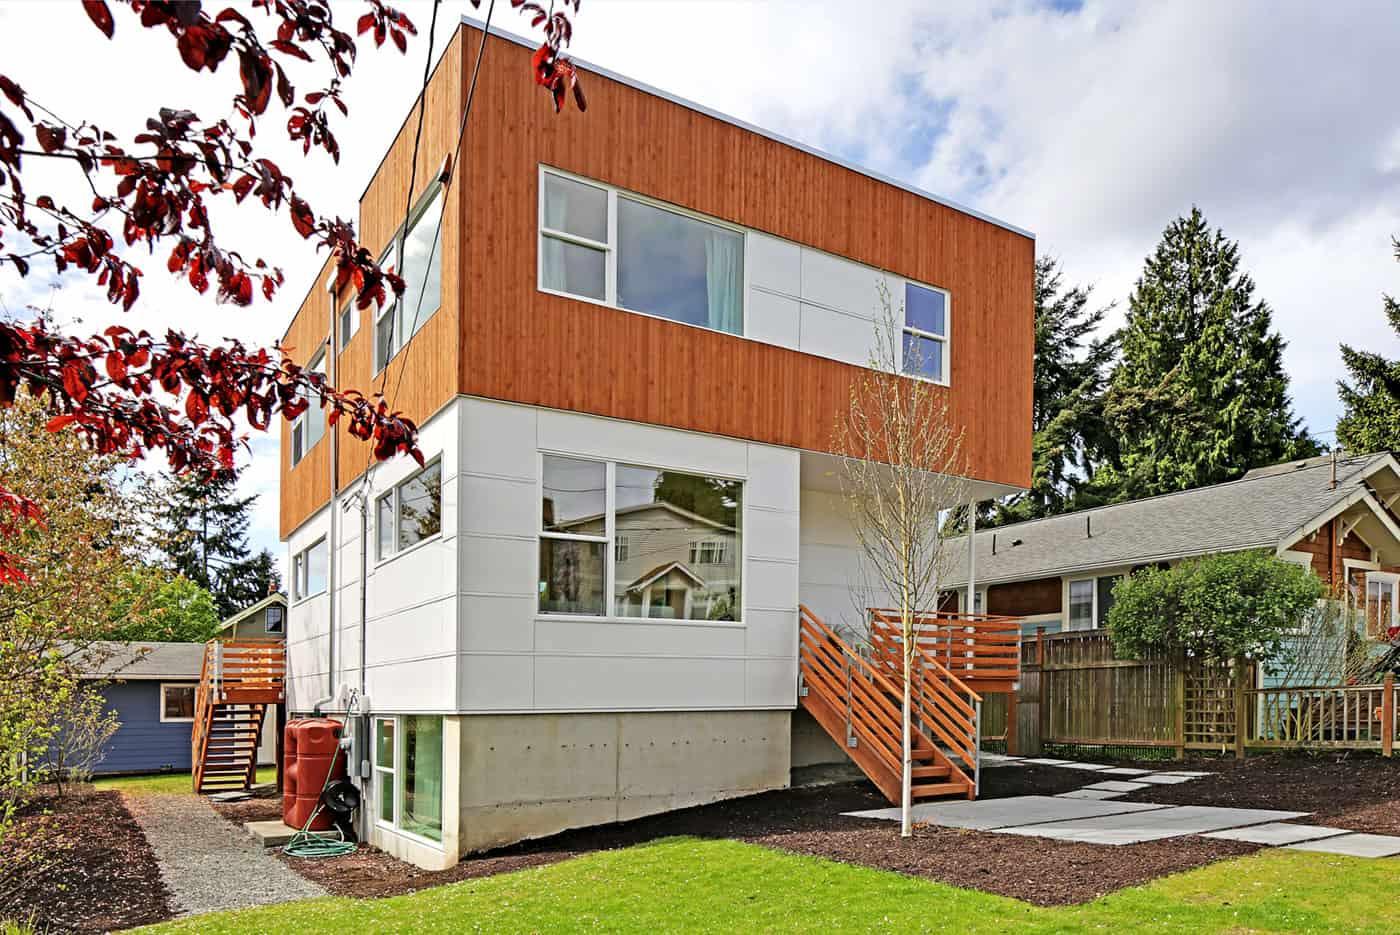 Prefab Home in Greenwood by Greenfab